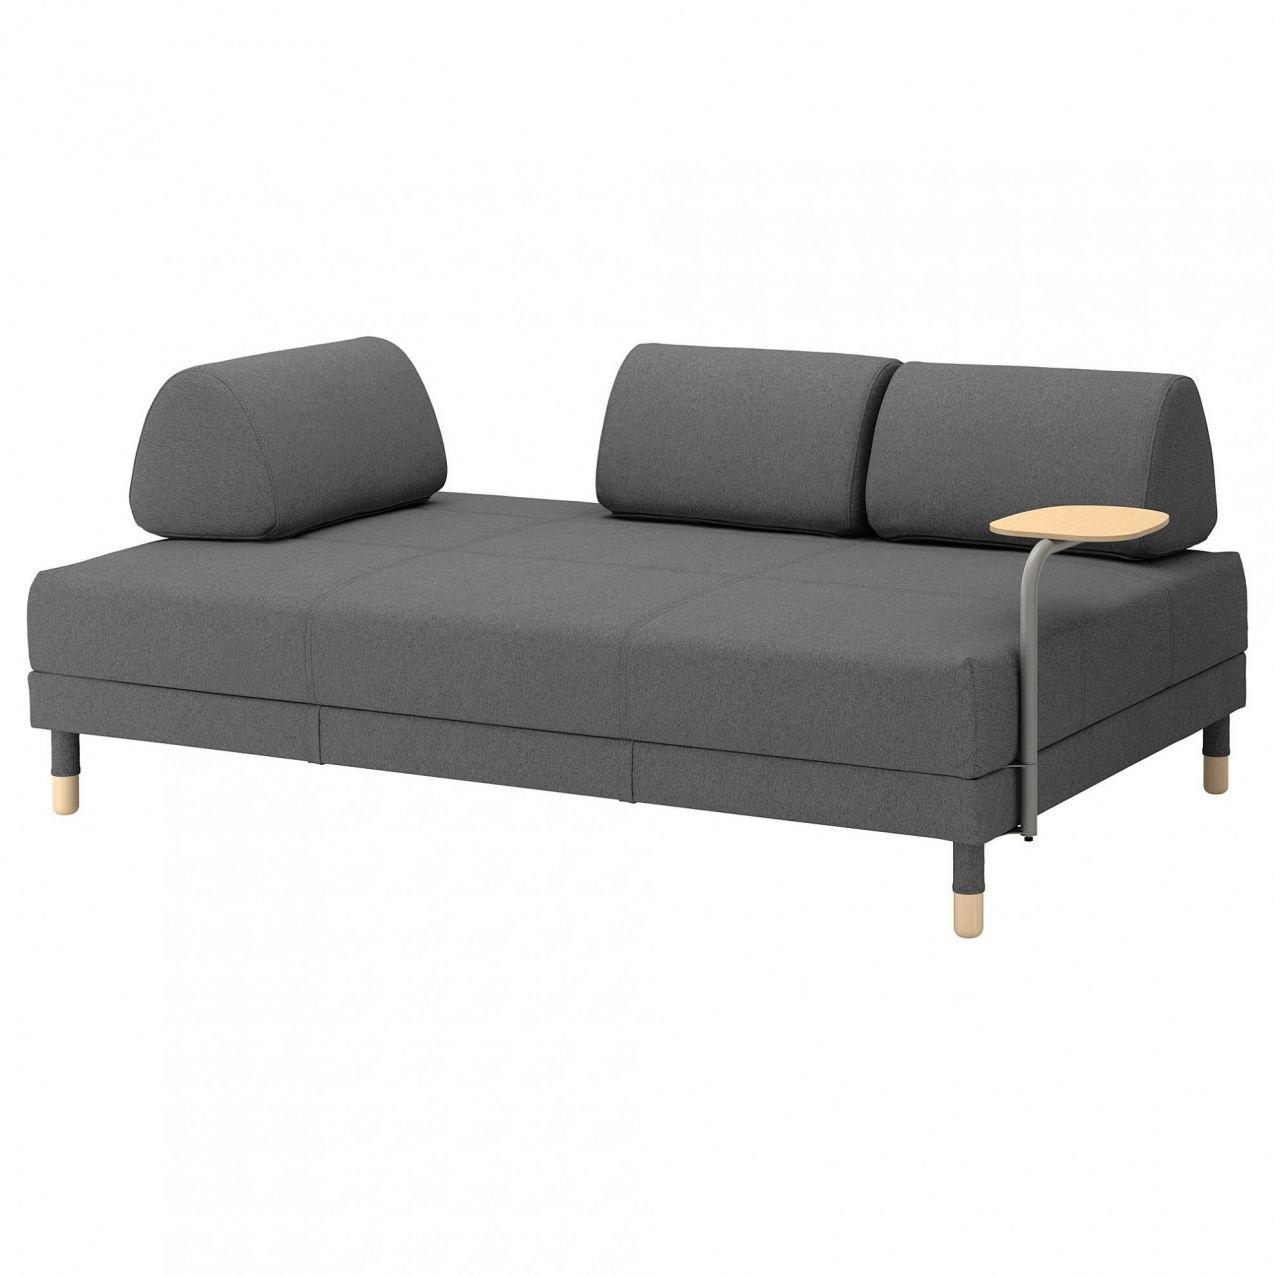 28 Canape Angle Convertible Alinea 2020 Ikea Sofa Ikea Sofa Bed Sofa Bed Frame